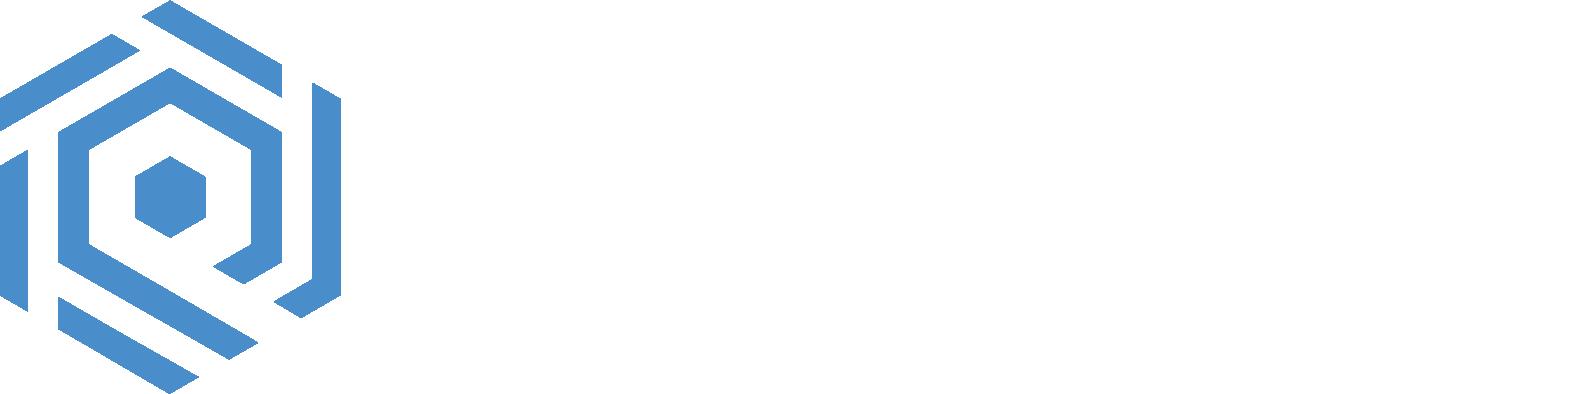 Questeq